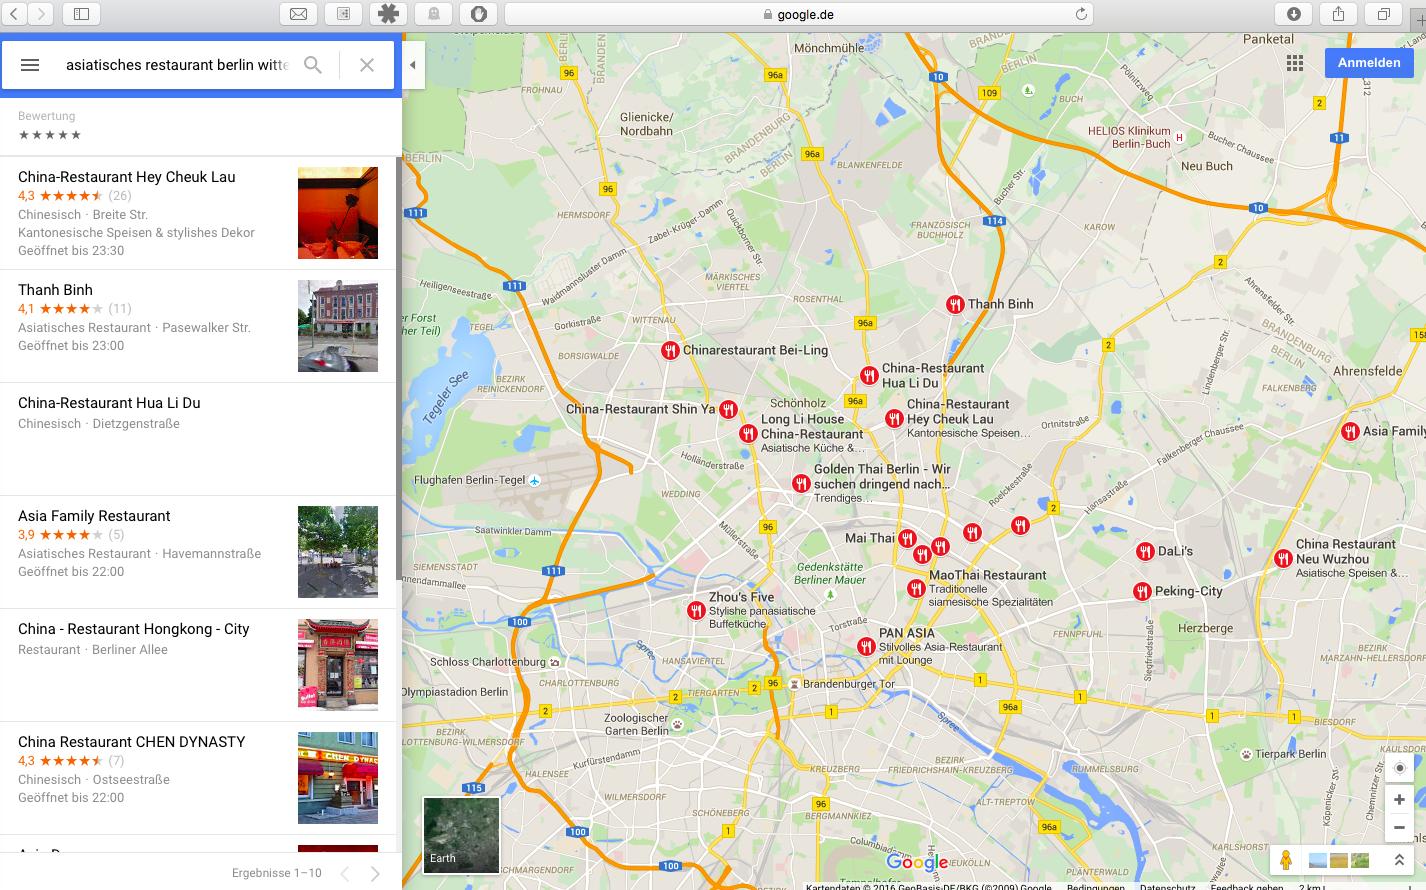 Lokale Suchmaschinenoptimierung für kleine und mittlere Unternehmen